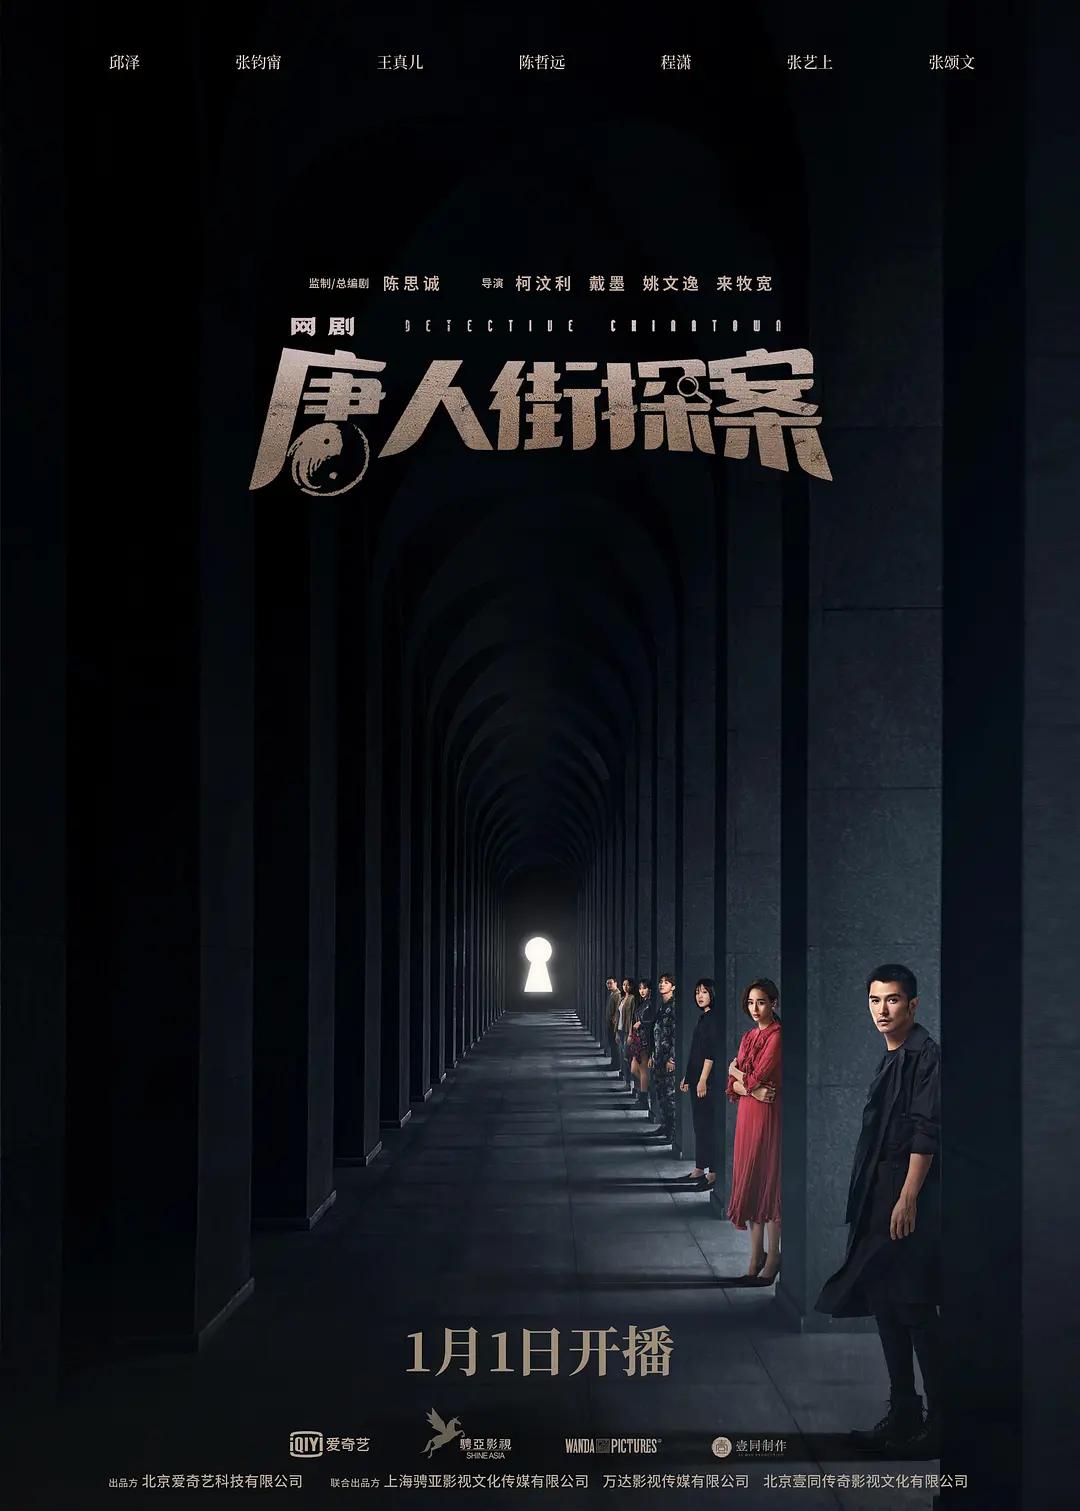 唐人街探案网剧版-剧照海报.png